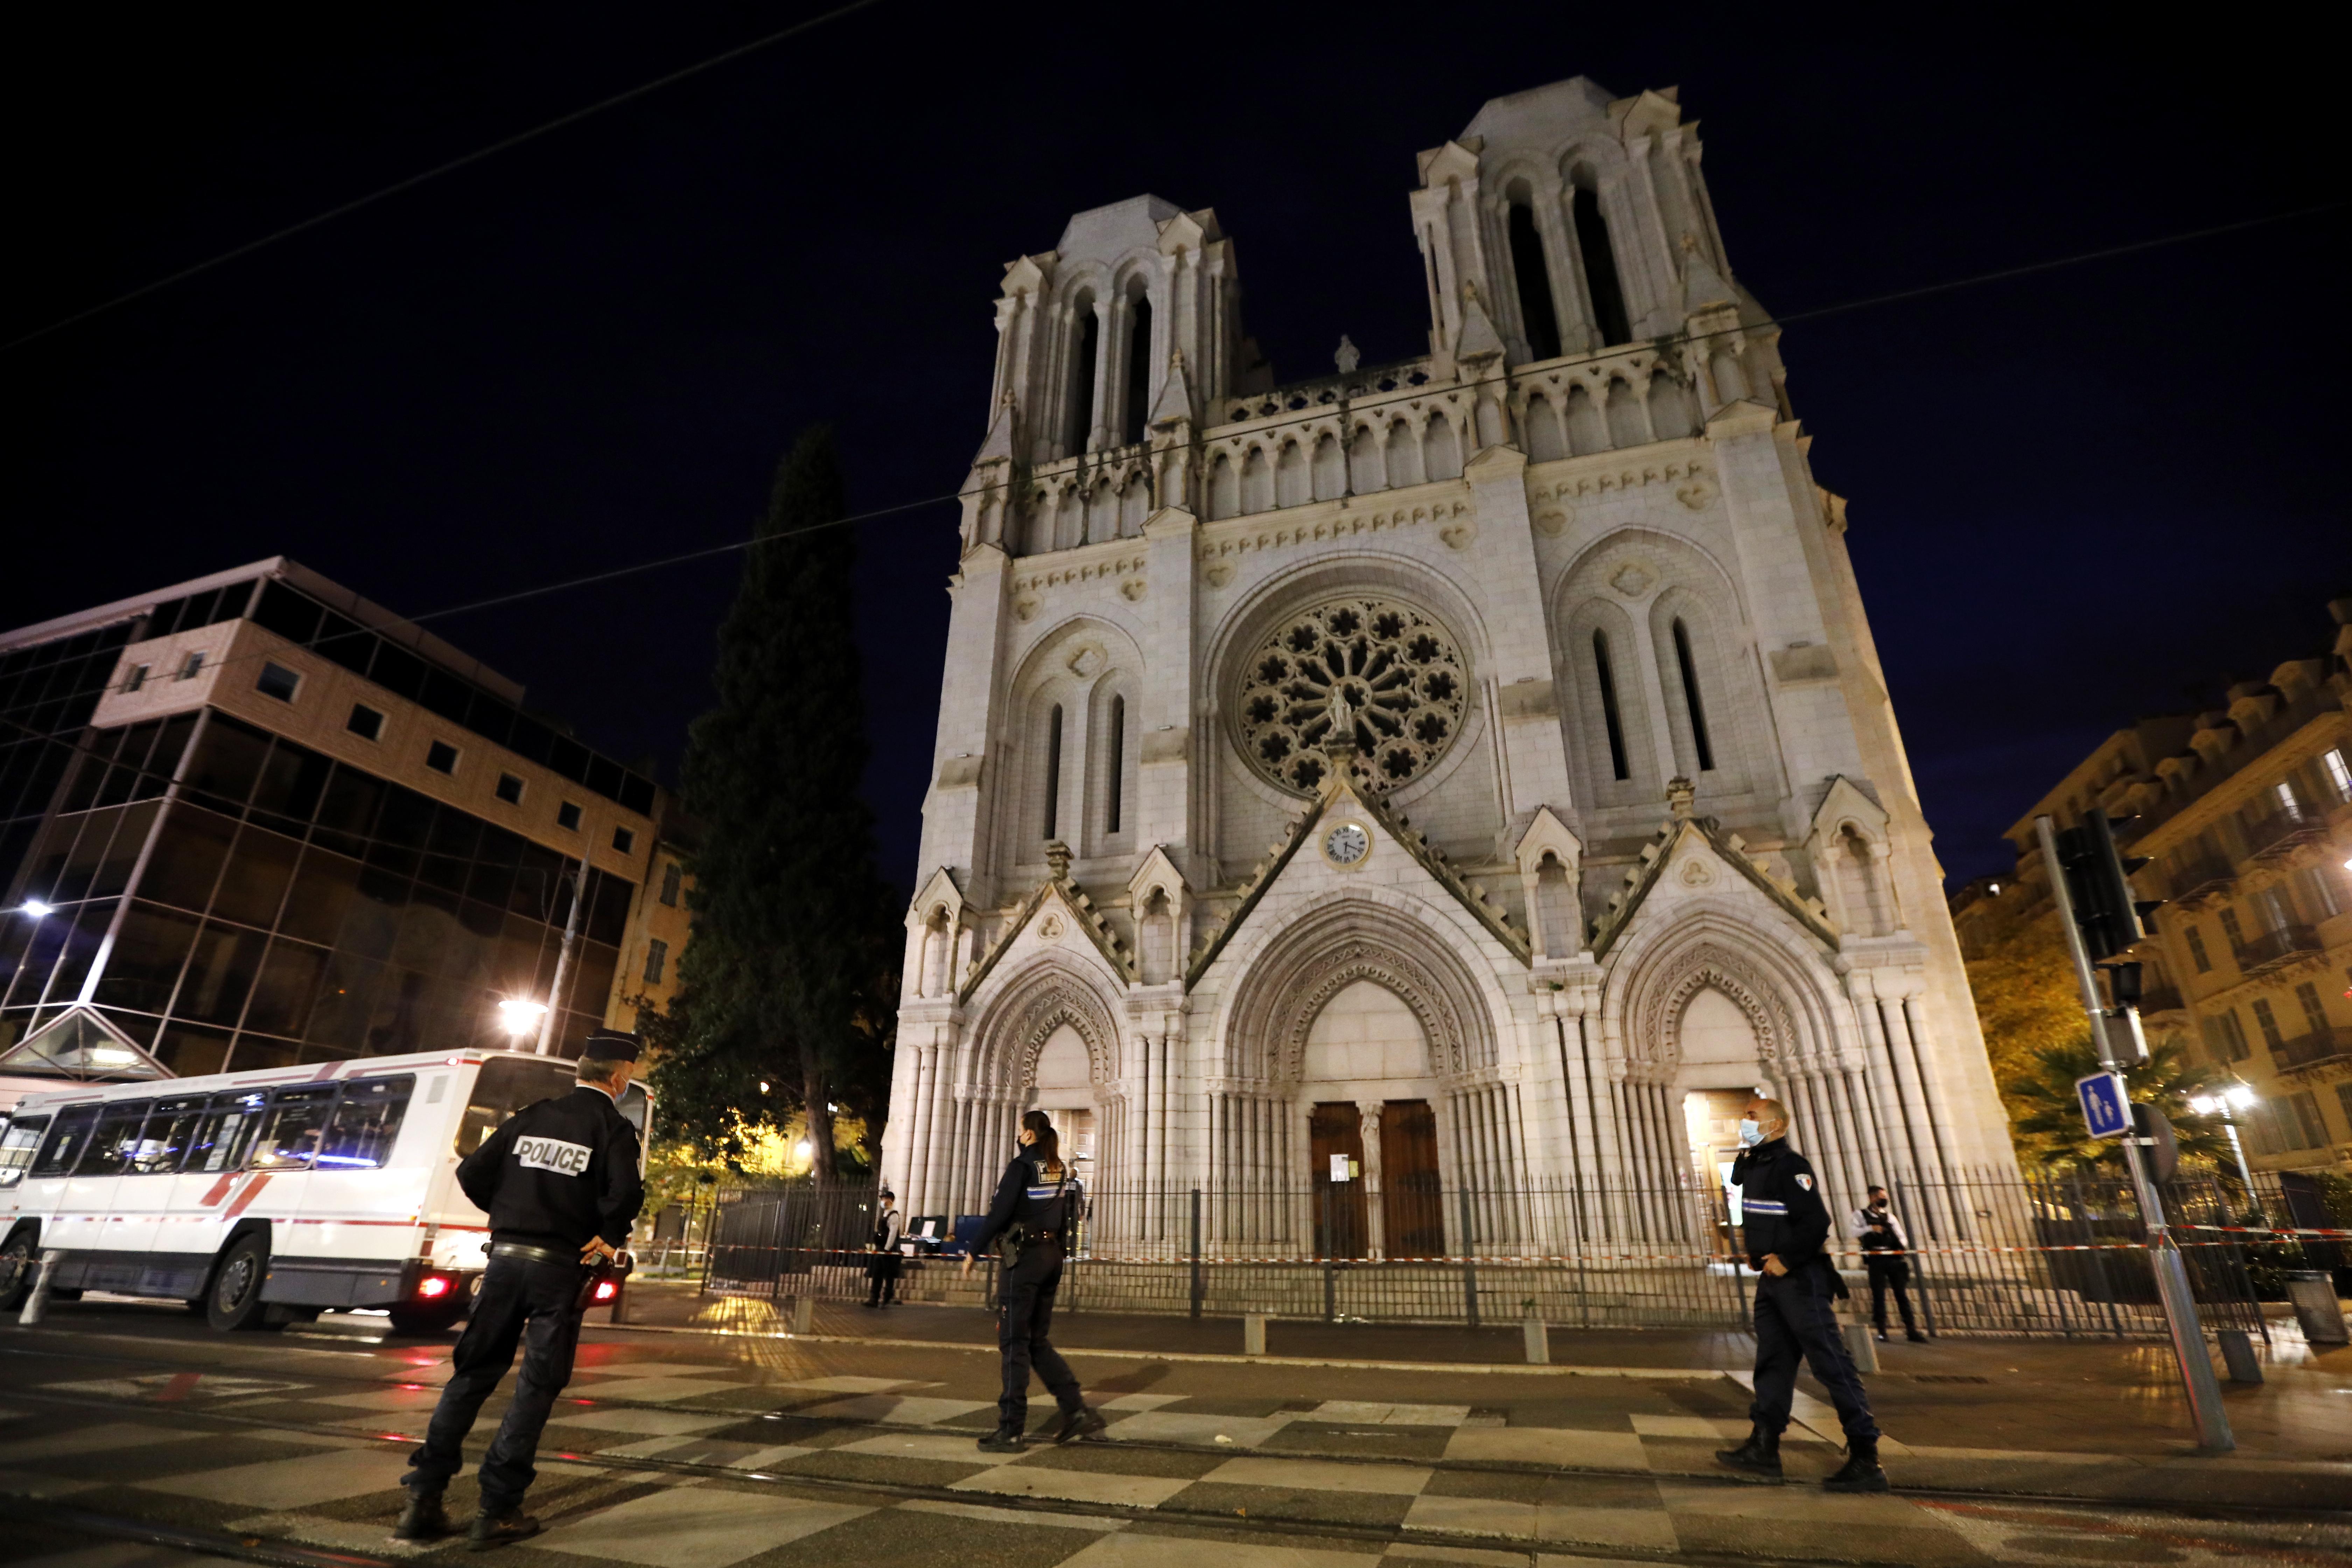 Во Франции рассказали о вещах, найденных у обезглавливателя из Ниццы